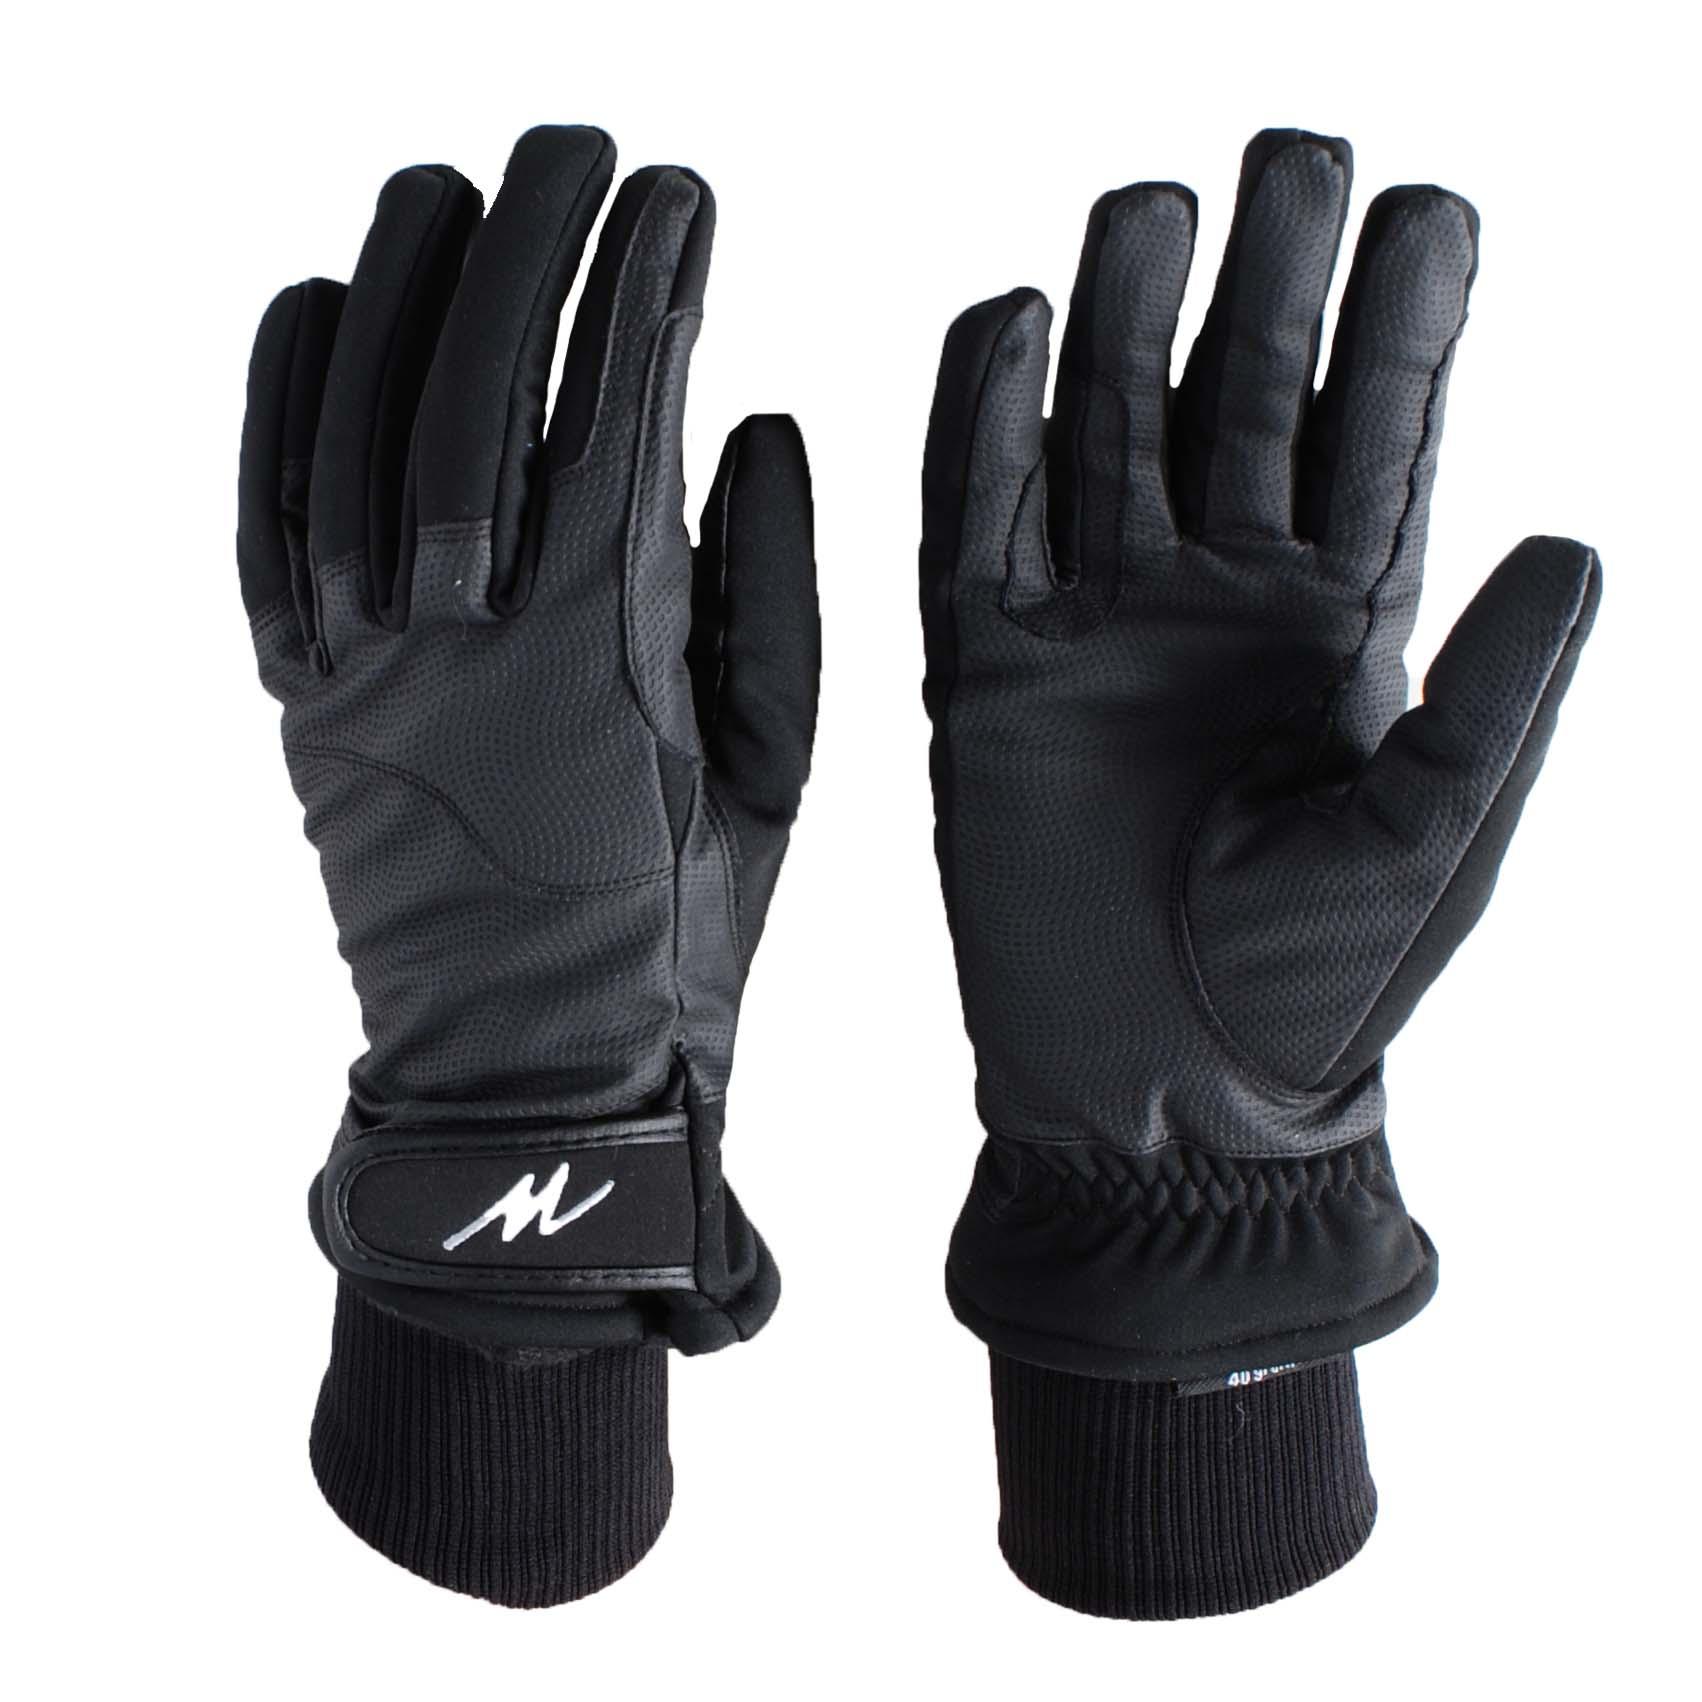 Mondoni Bogota winter handschoenen zwart maat:xs